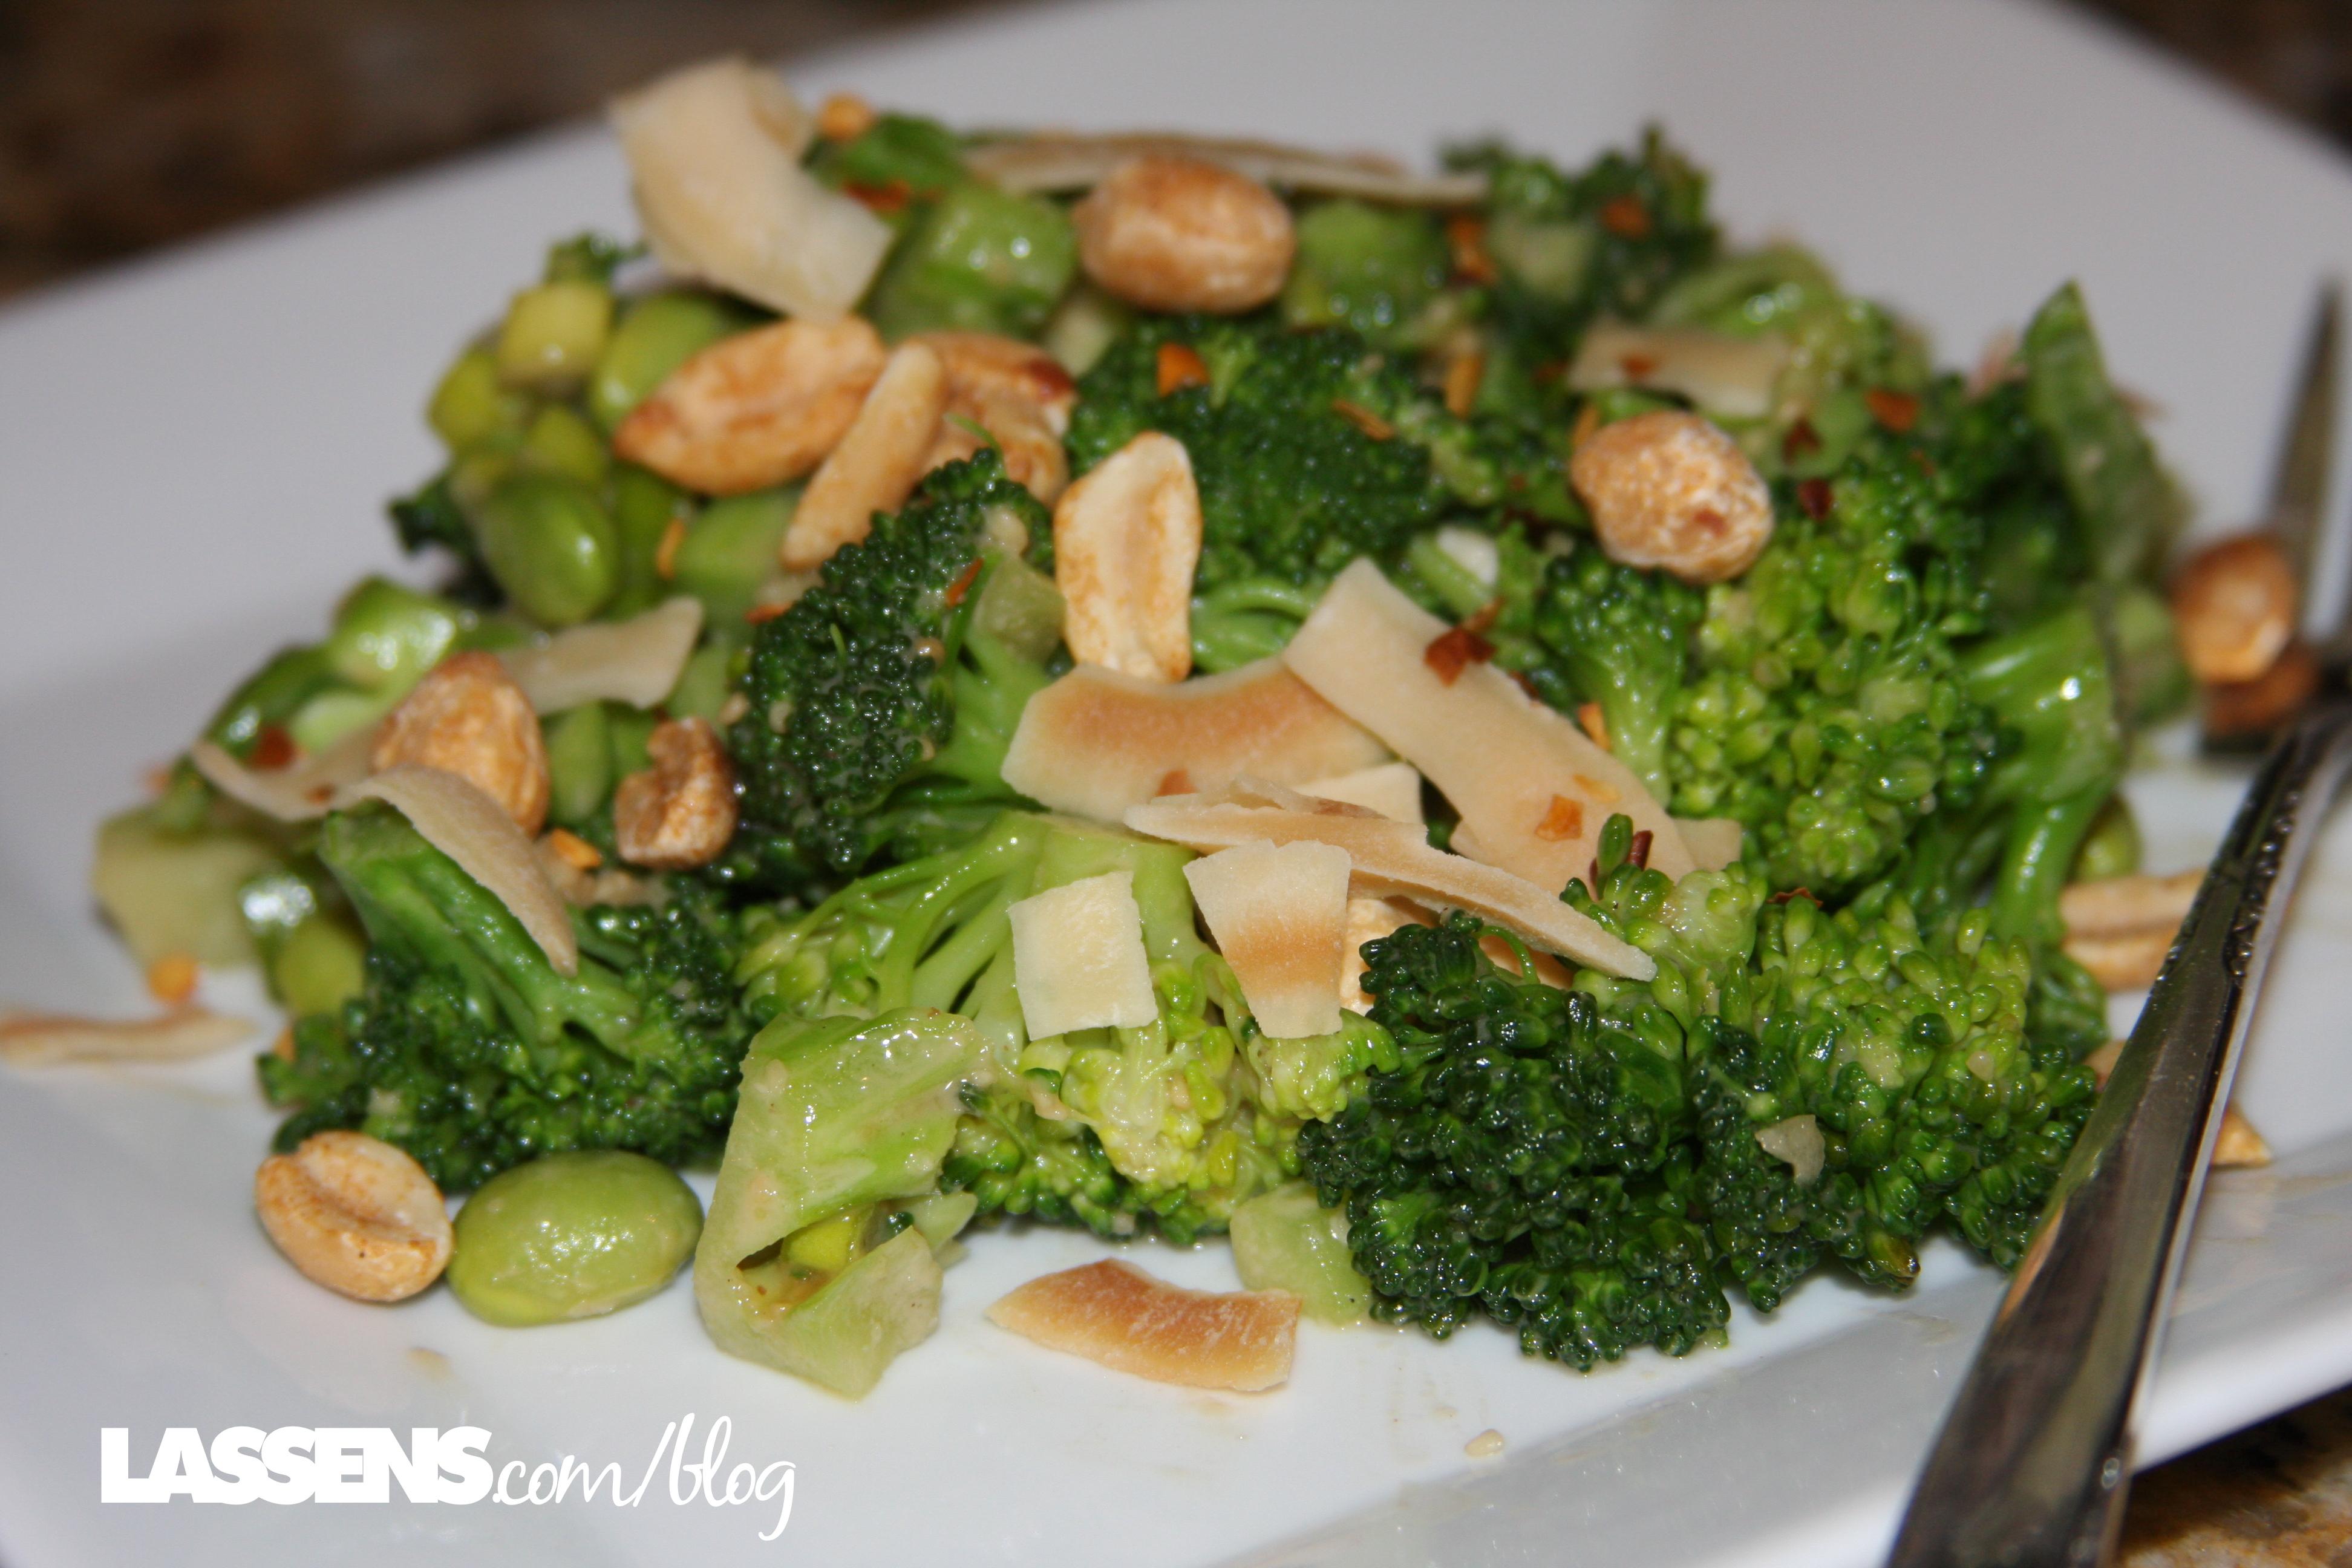 broccoli+salad, peanut+sauce, healthy+salad, Thai+peanut+dressing,